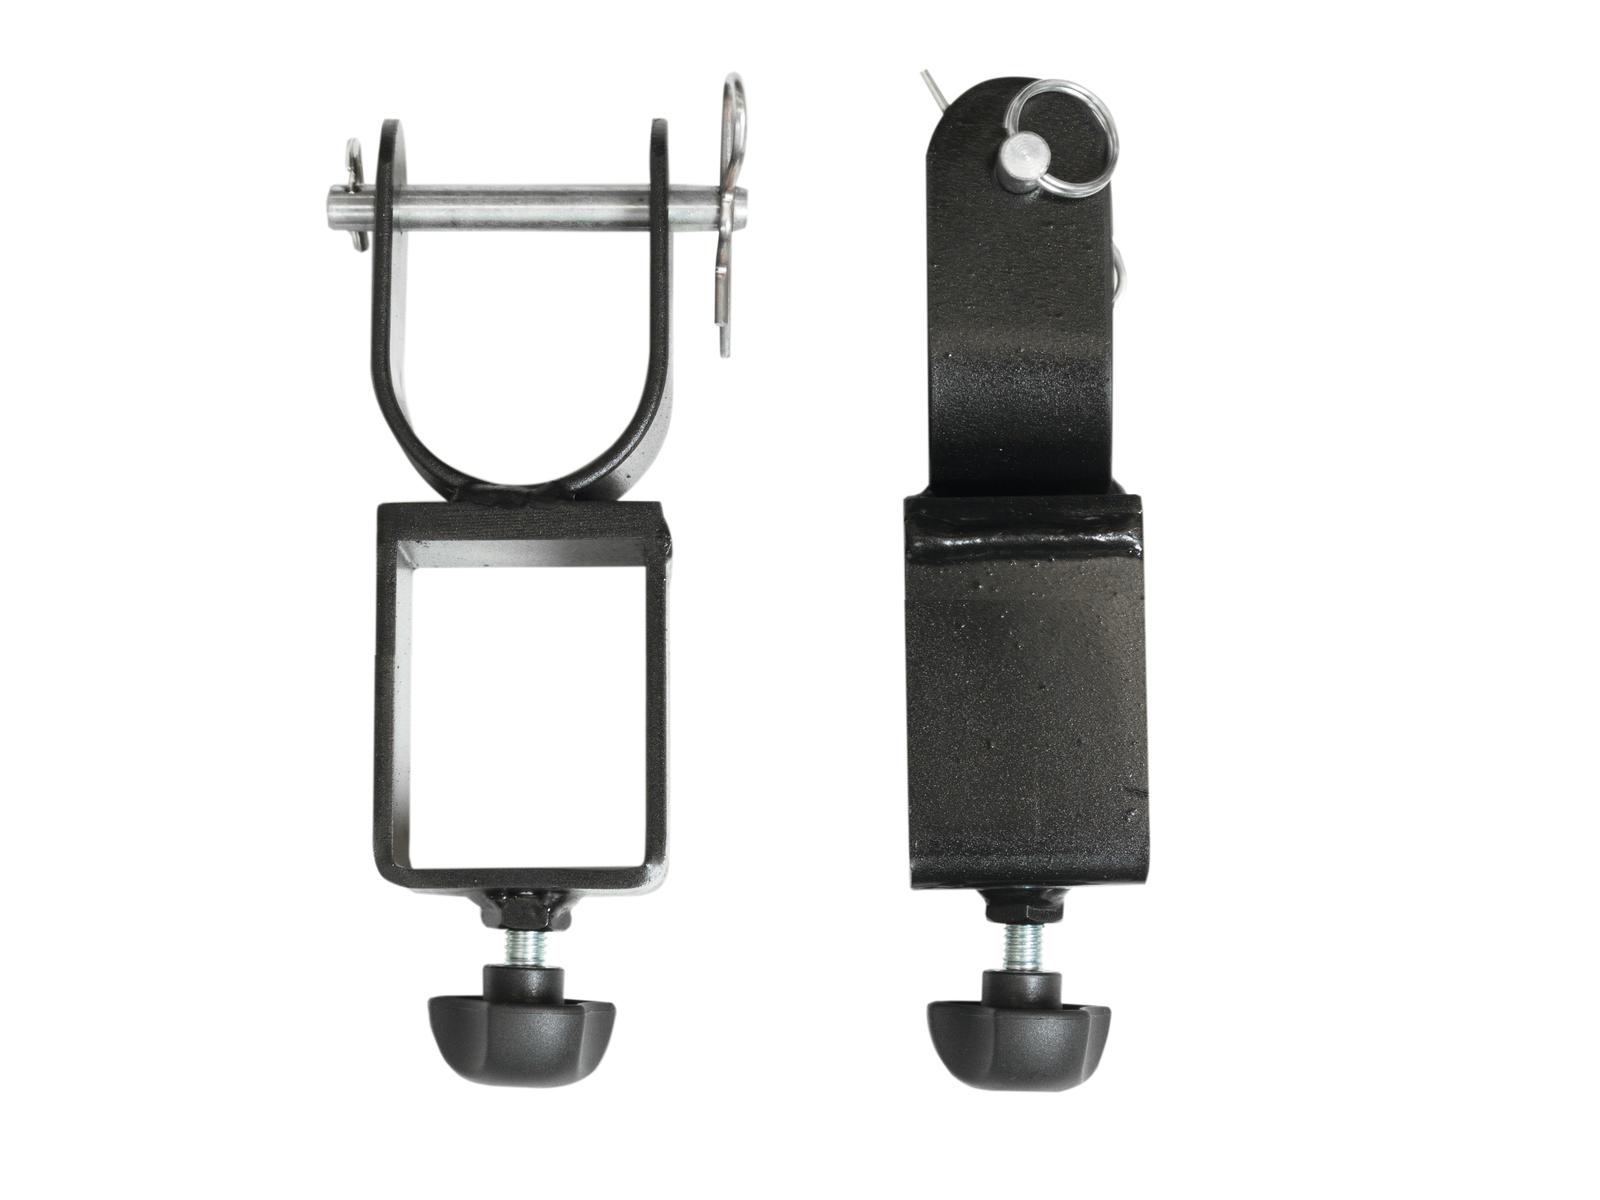 BLOCCO E BLOCCO ATG2 Capriata adattatore di montaggio per l'inserimento del tubo di 7